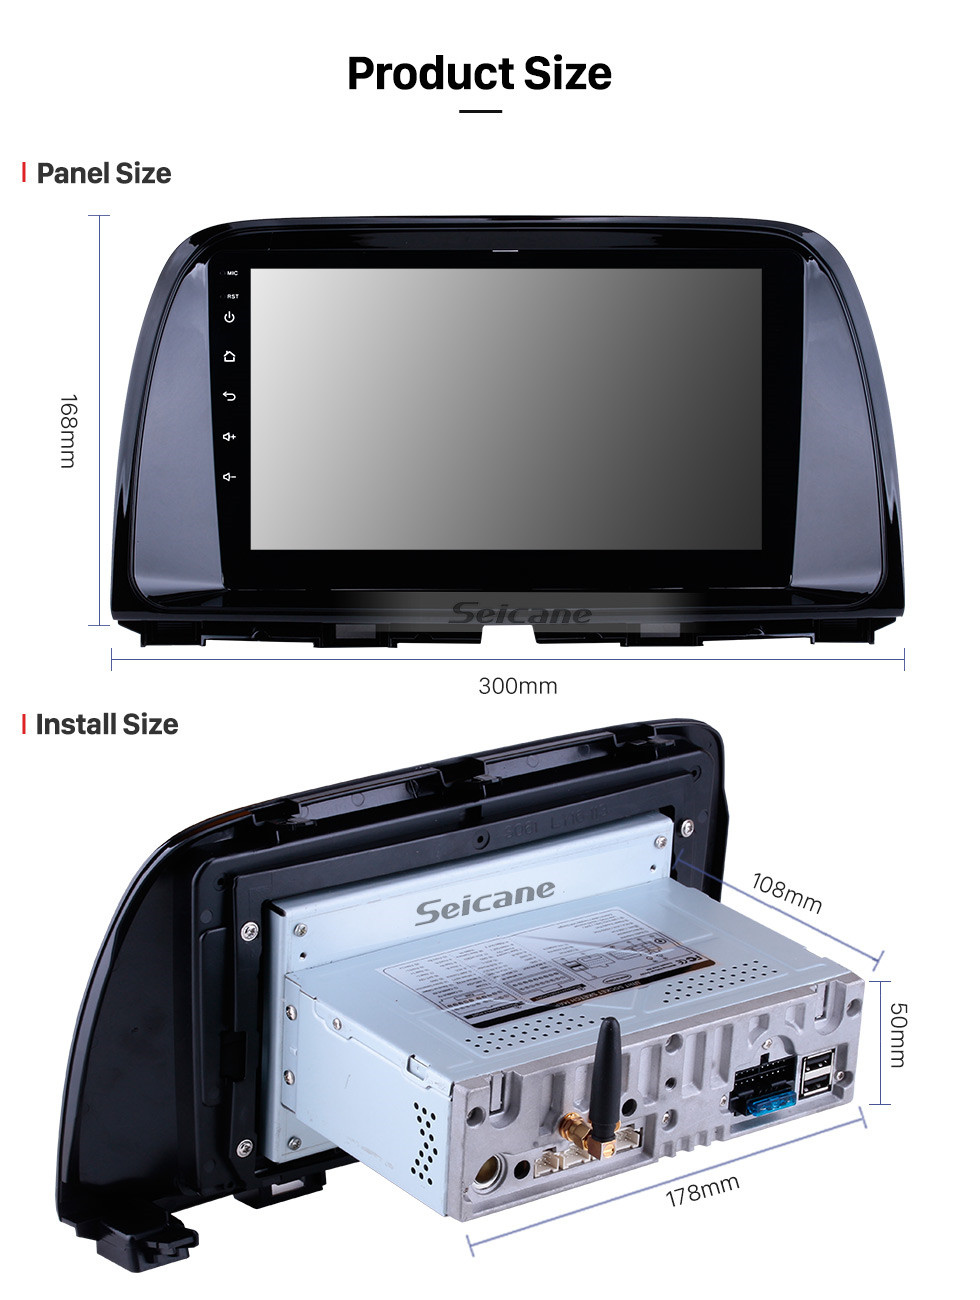 Seicane 9 polegadas OEM Android 10.0 Rádio GPS Sistema de navegação Para 2012 2013 2014 2015 MAZDA CX-5 com tela de toque capacitivo Bluetooth TPMS DVR OBD II Câmera traseira AUX 3G WiFi HD 1080P Vídeo Controle de encosto de cabeça Controle USB SD